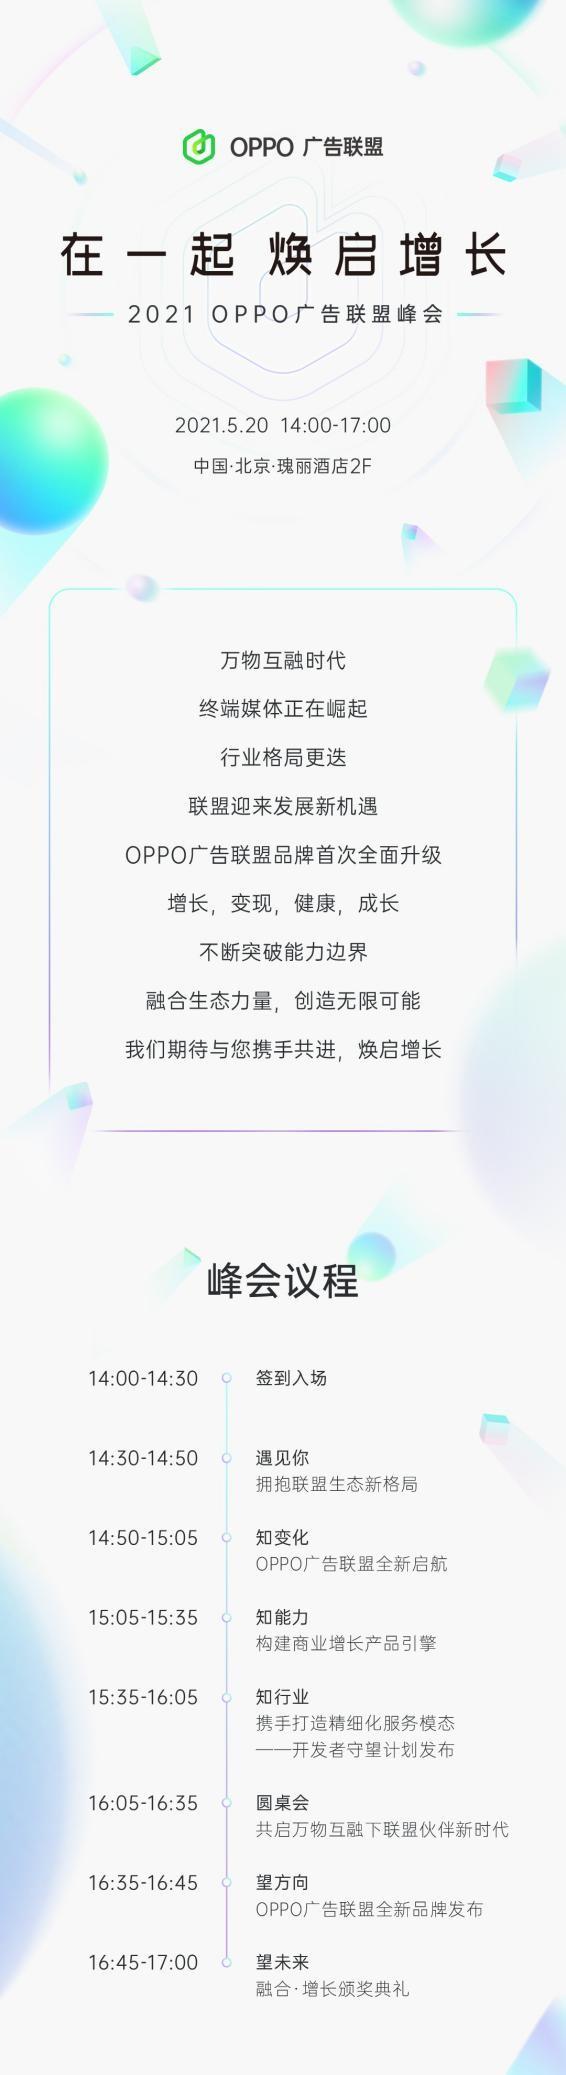 """""""在一起,焕启增长""""丨2021 OPPO广告联盟峰会将于5月20日举办"""